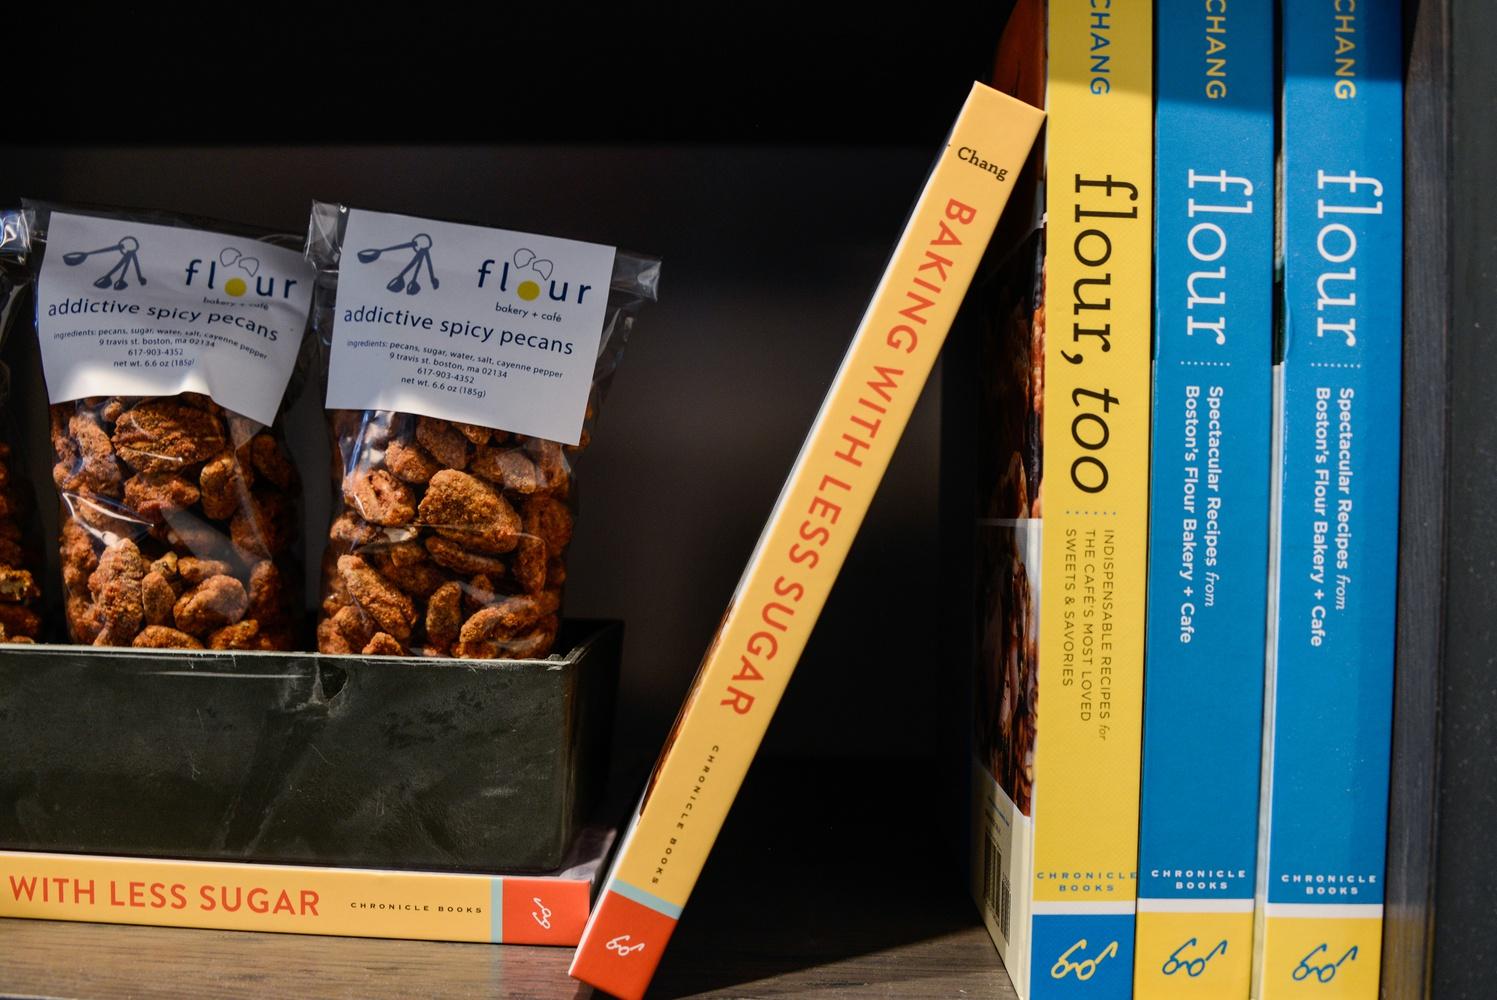 A shelf inside Flour holds Joanne's books.